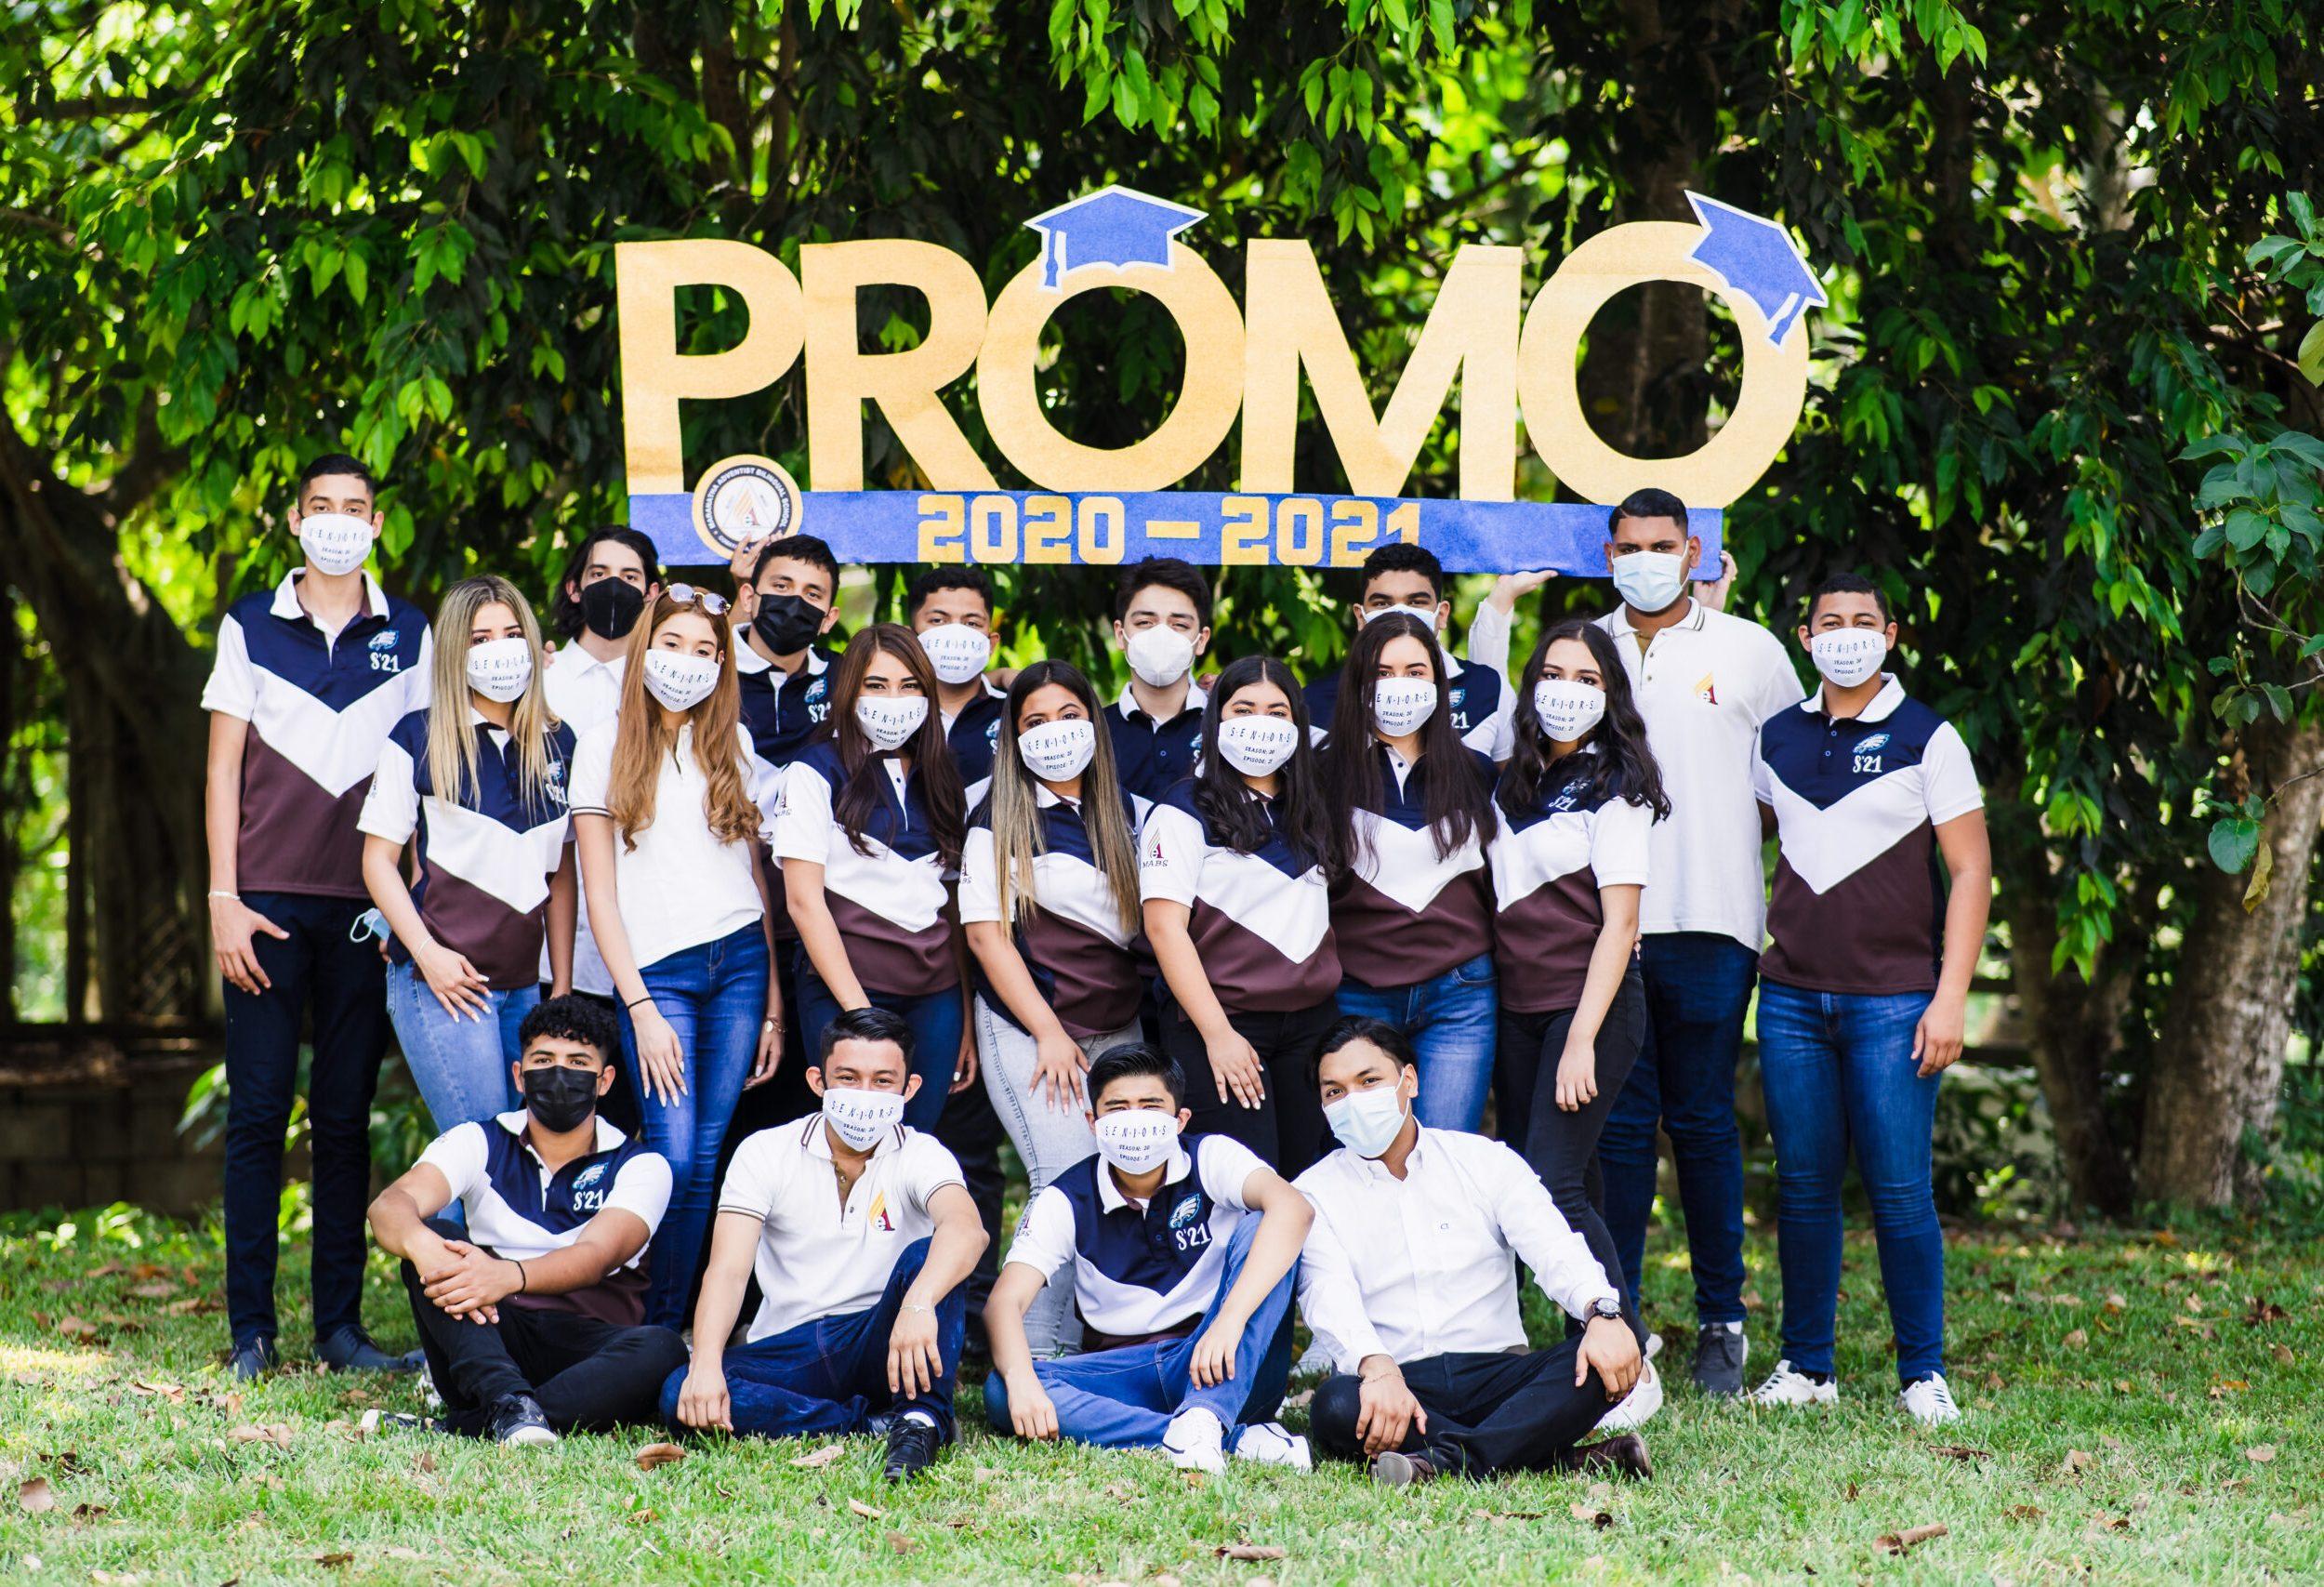 0. Fotos de Promocion 2020-2021 (1)